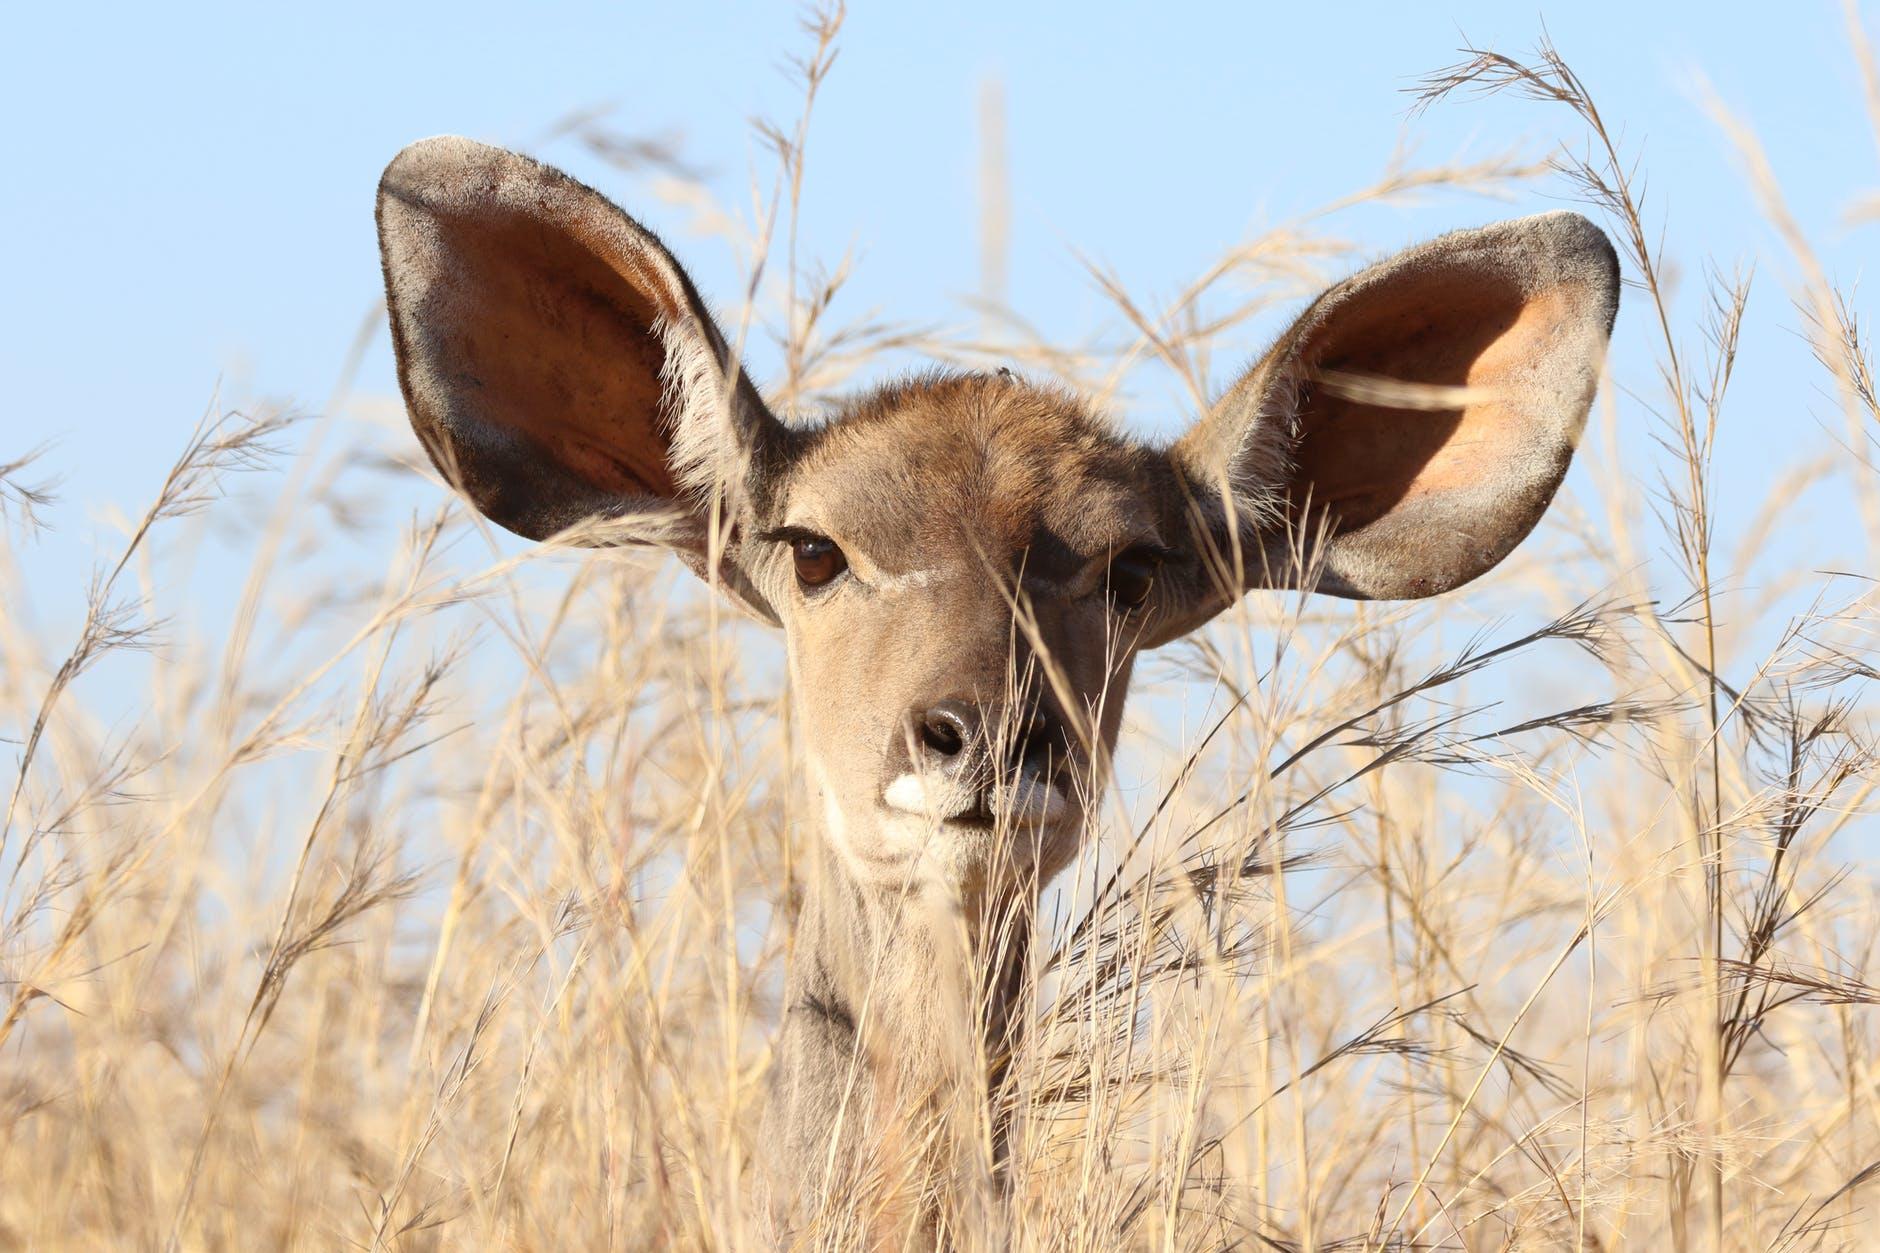 animal animal photography barbaric big